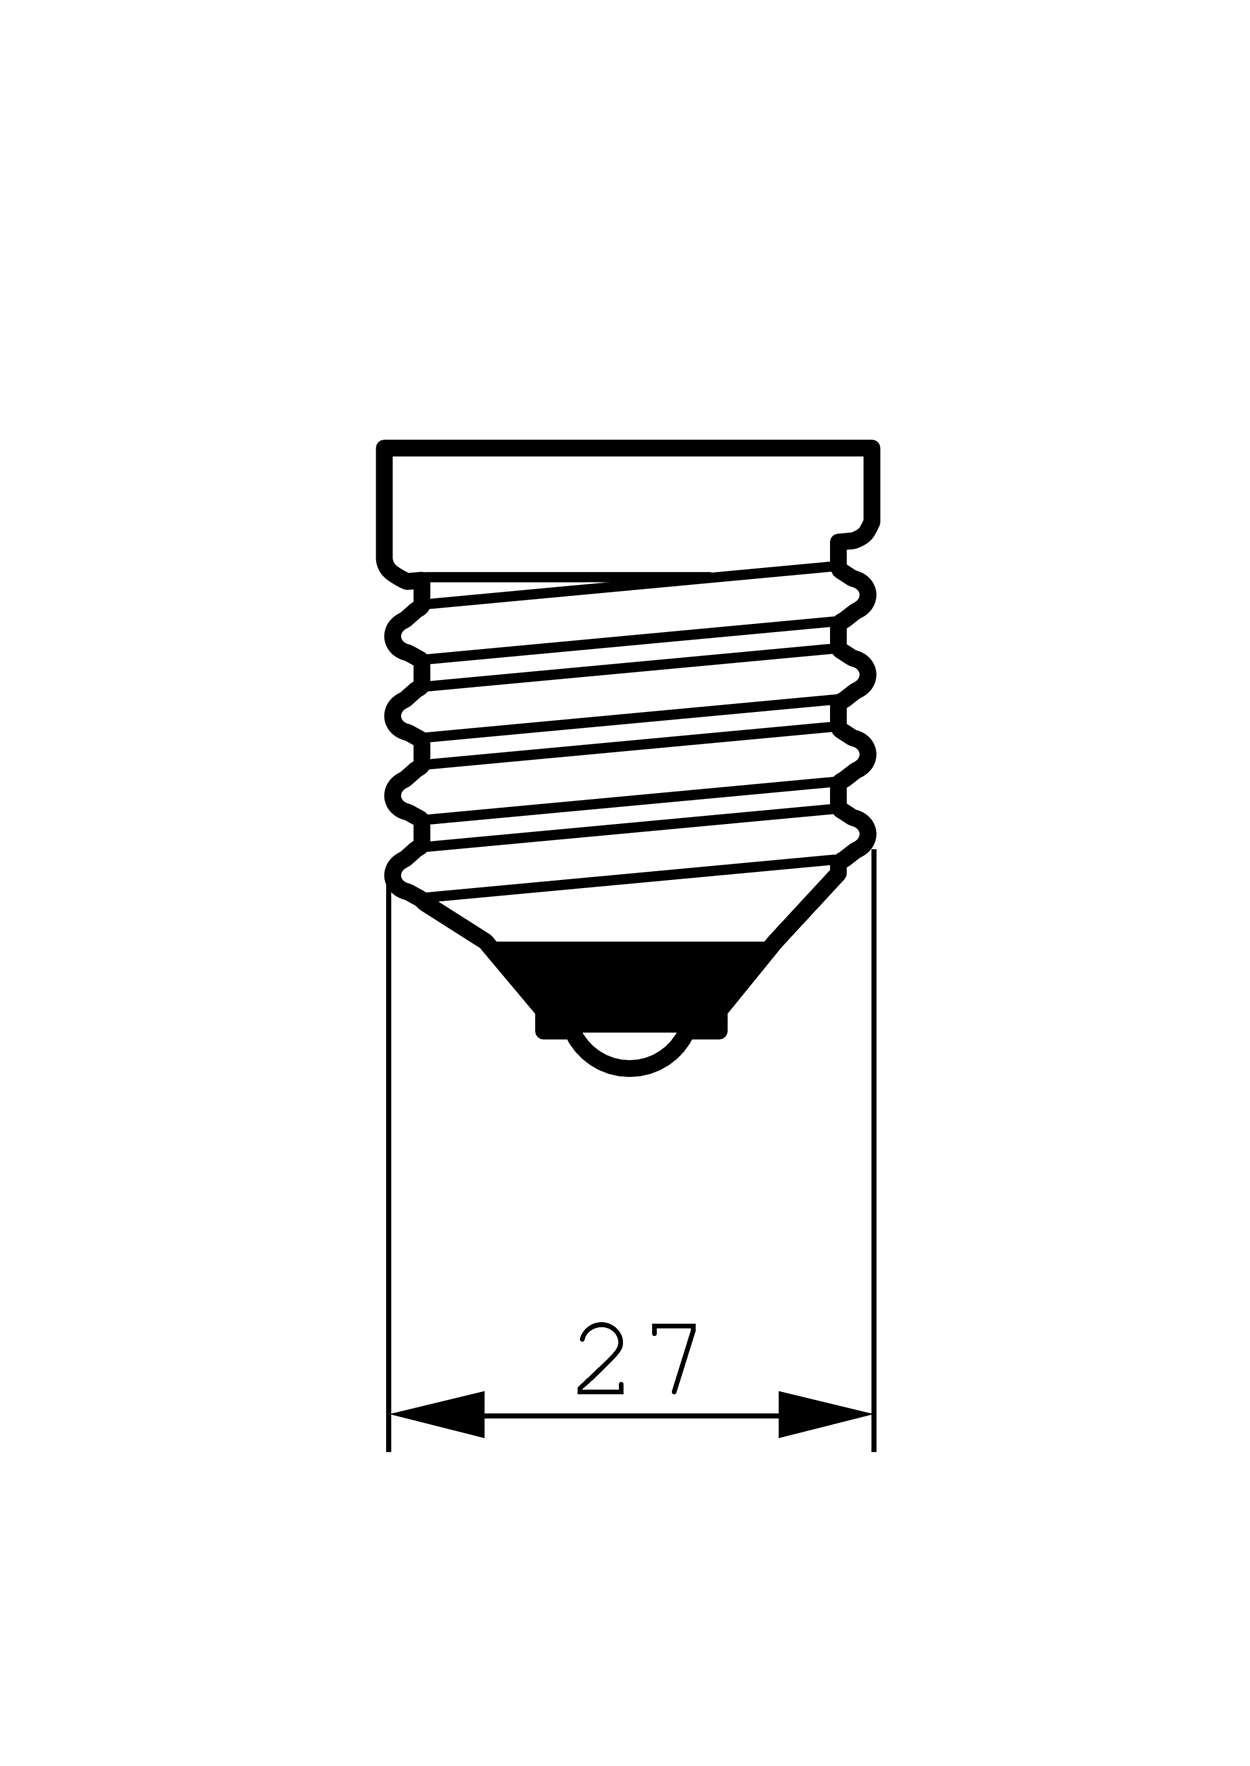 Philips Classic Ledbulb Nd 7 5 60w E27 827 St64 Cl